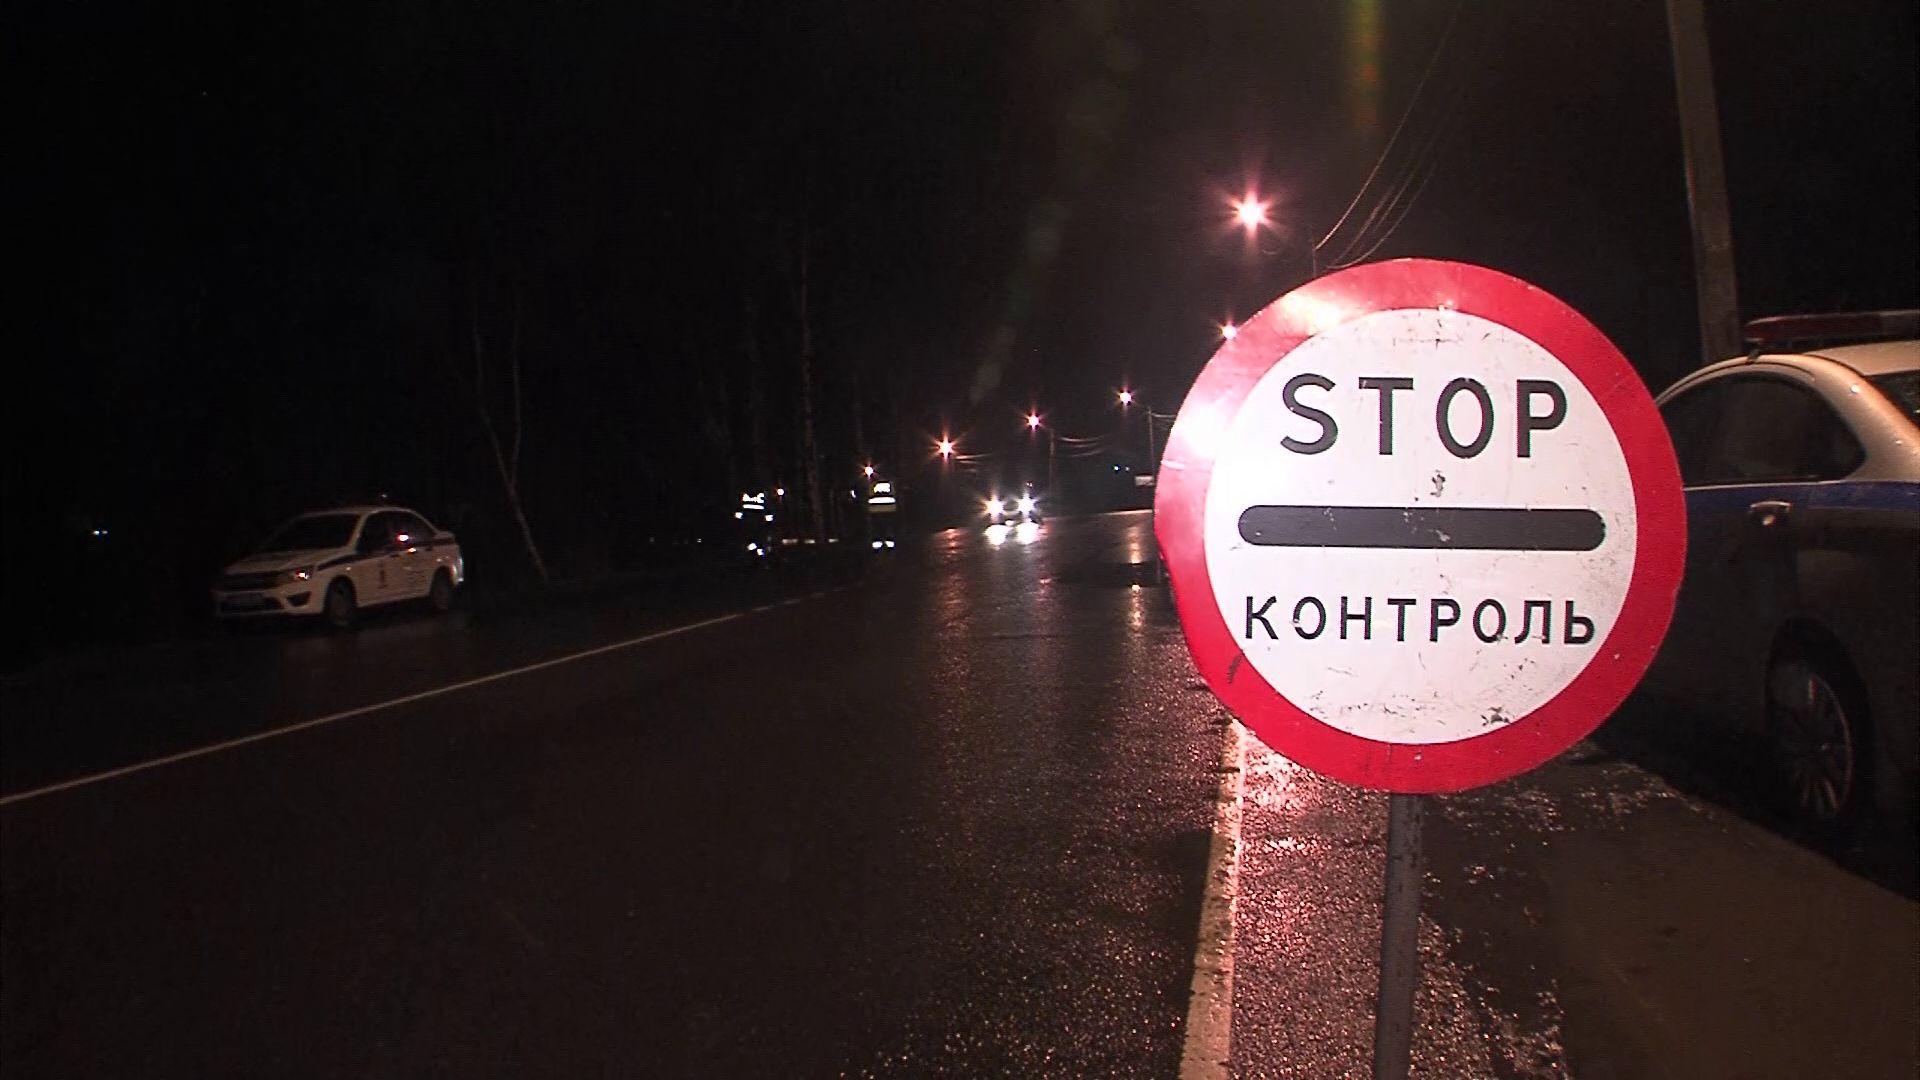 Почти три десятка водителей попались пьяными в Ярославле во время операции «Бахус»